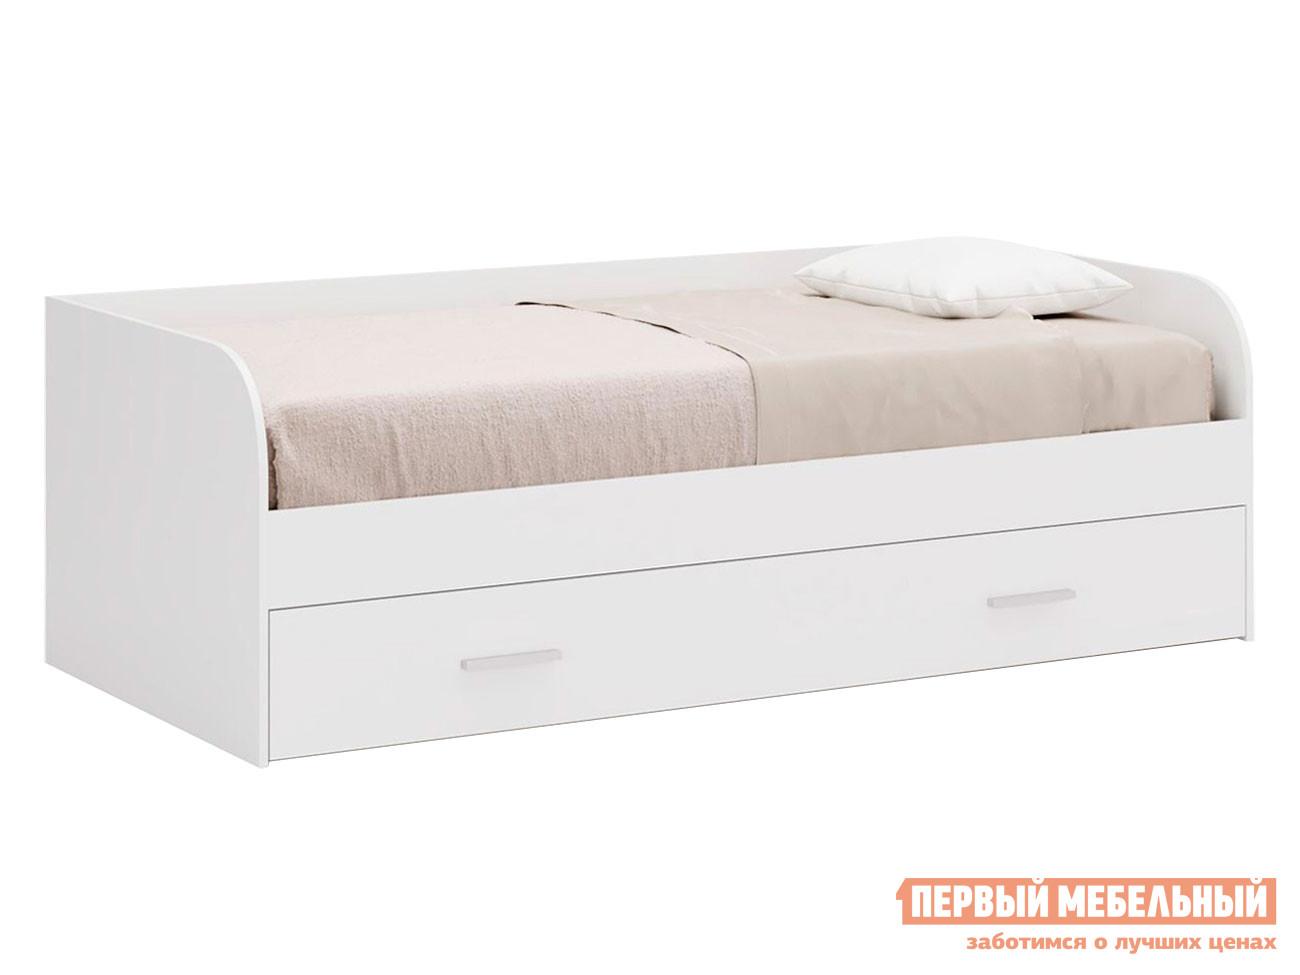 Детская кровать  Кровать Леон Белый бриллиант, Без ящика — Кровать Леон Белый бриллиант, Без ящика